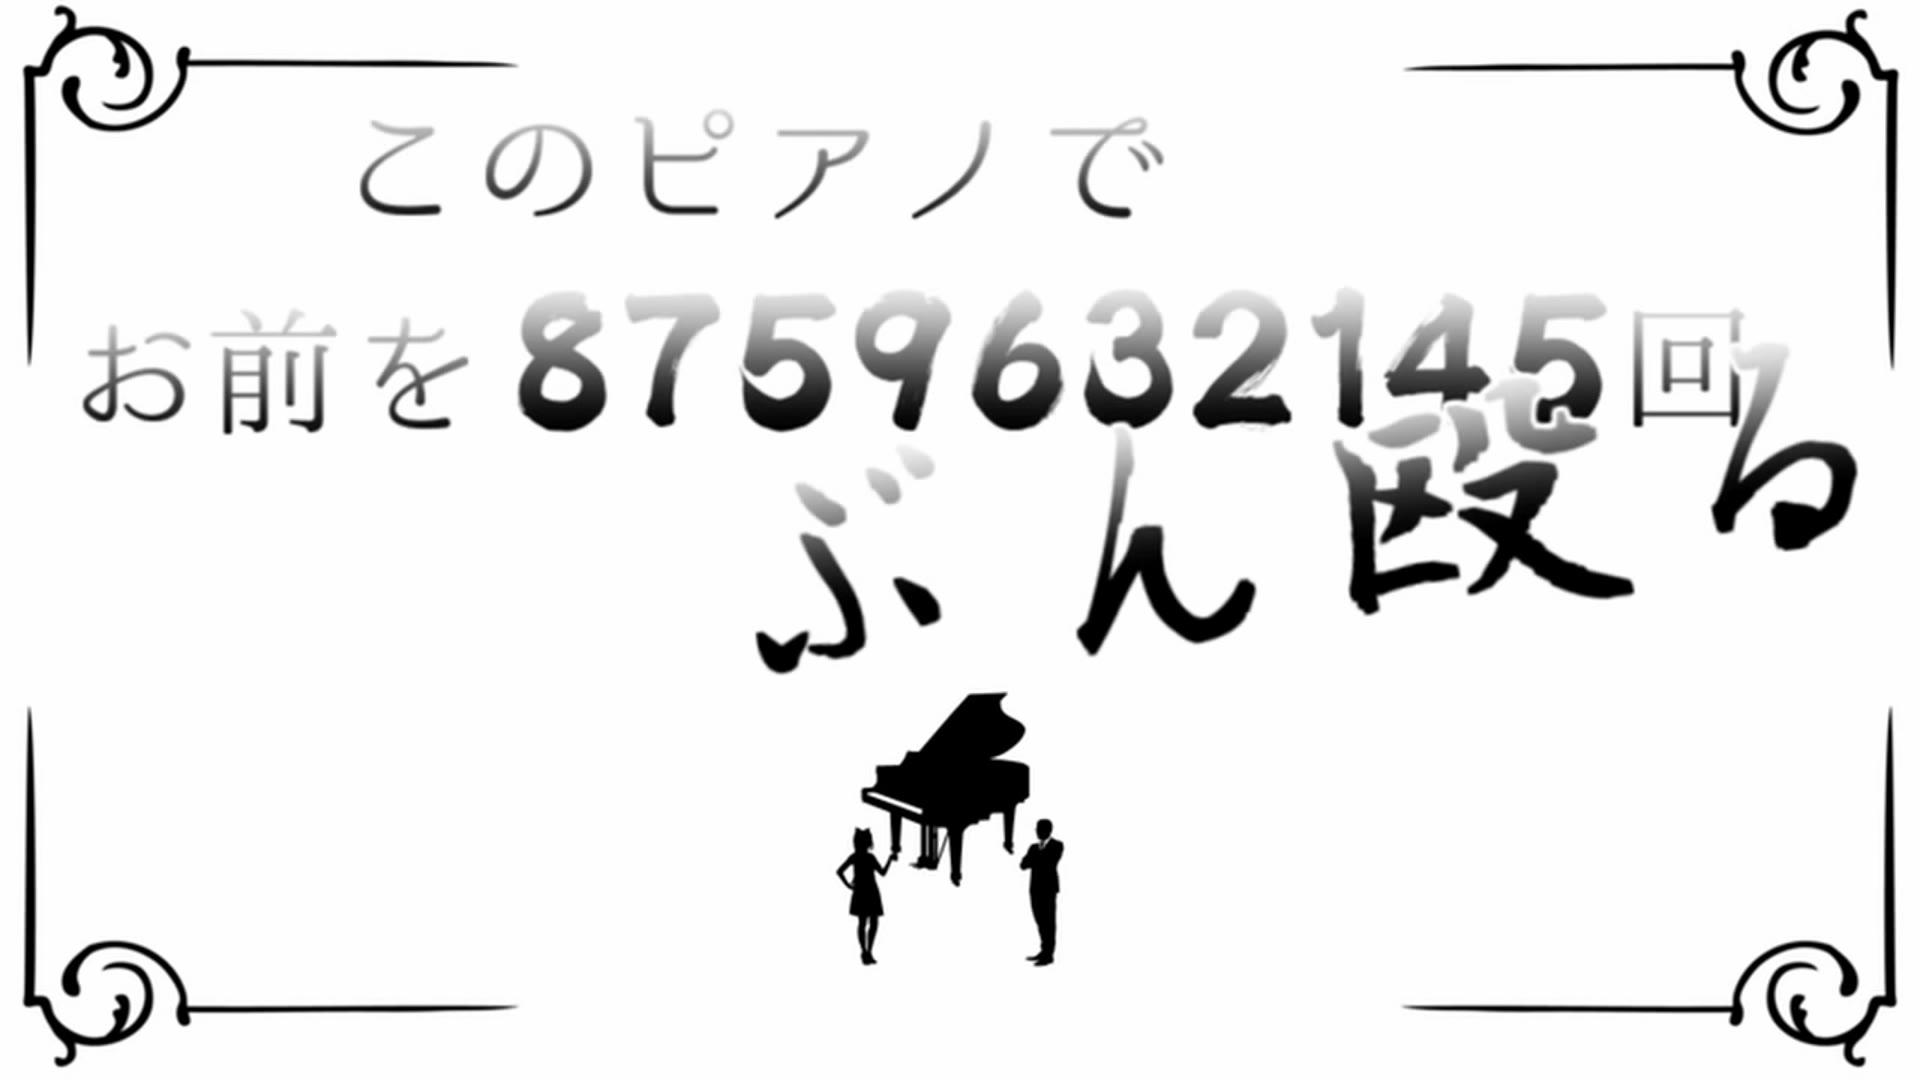 【陸Roku&三足】このピアノでお前を8759632145回ぶん殴(P2纯人声)